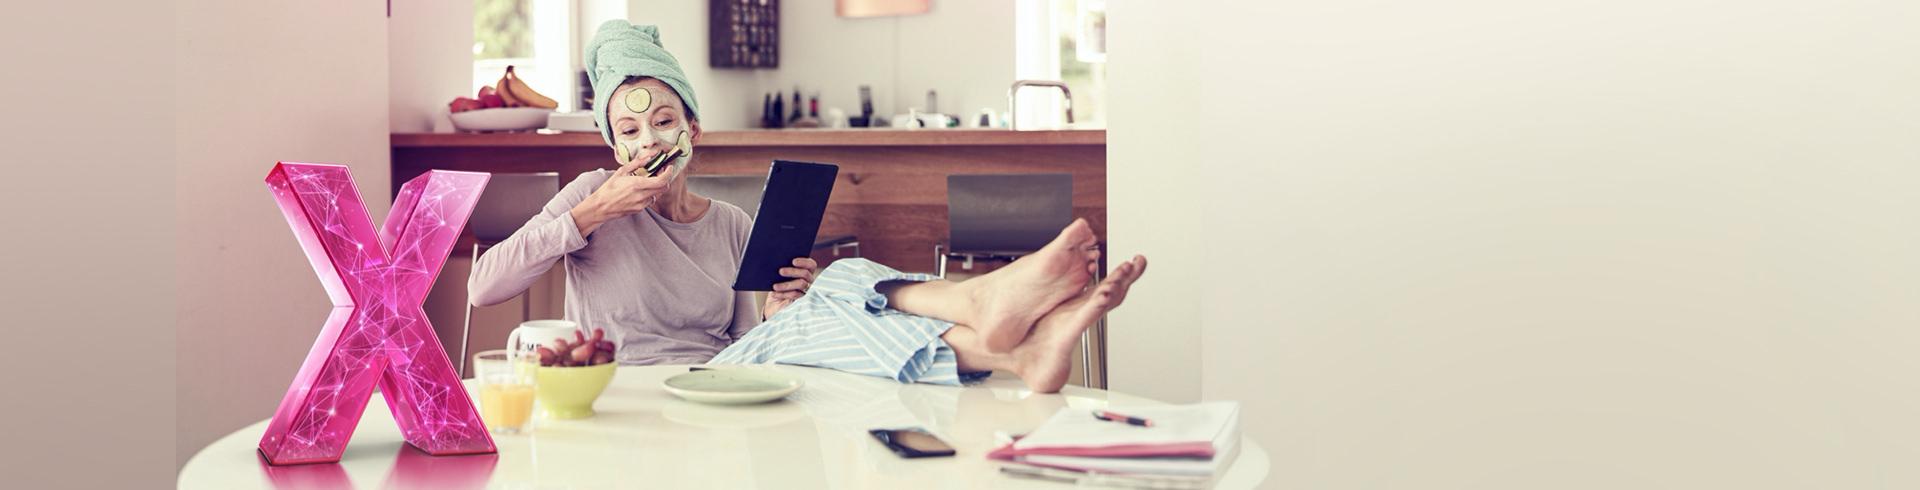 Frau sitzt mit Tablet im HomeOffice